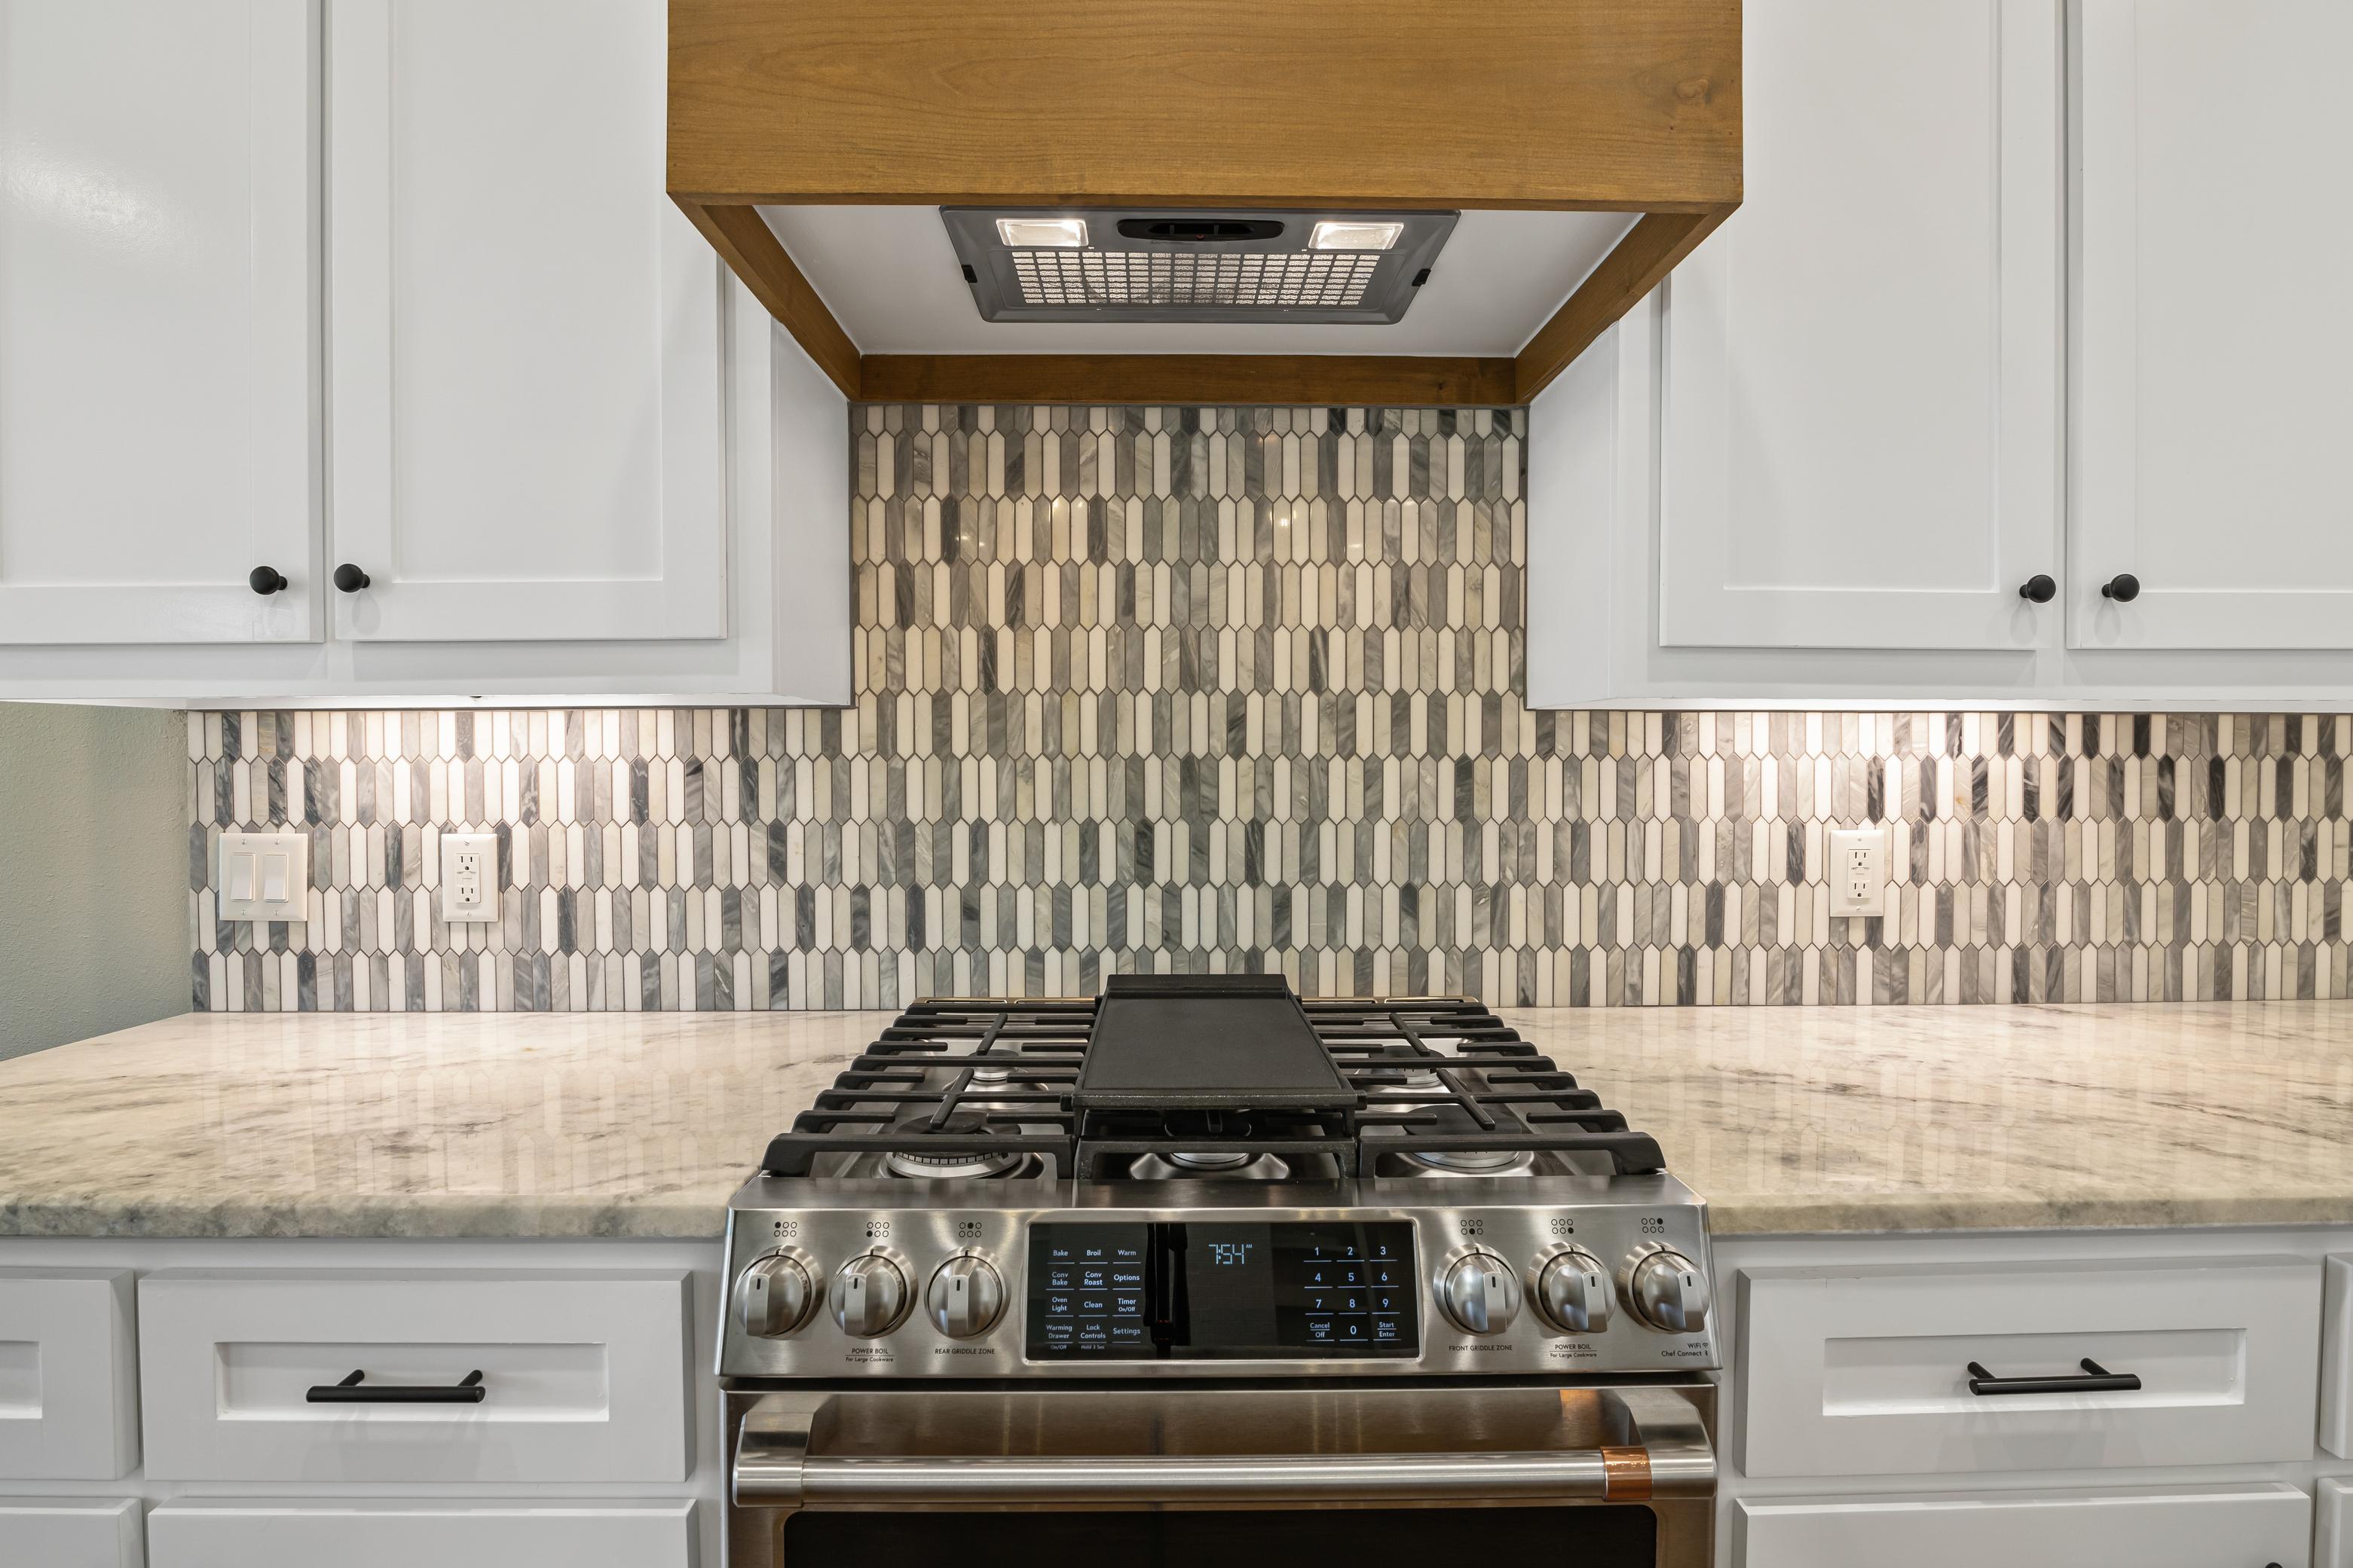 https://0201.nccdn.net/1_2/000/000/0eb/4c4/kitchen-stove.jpg